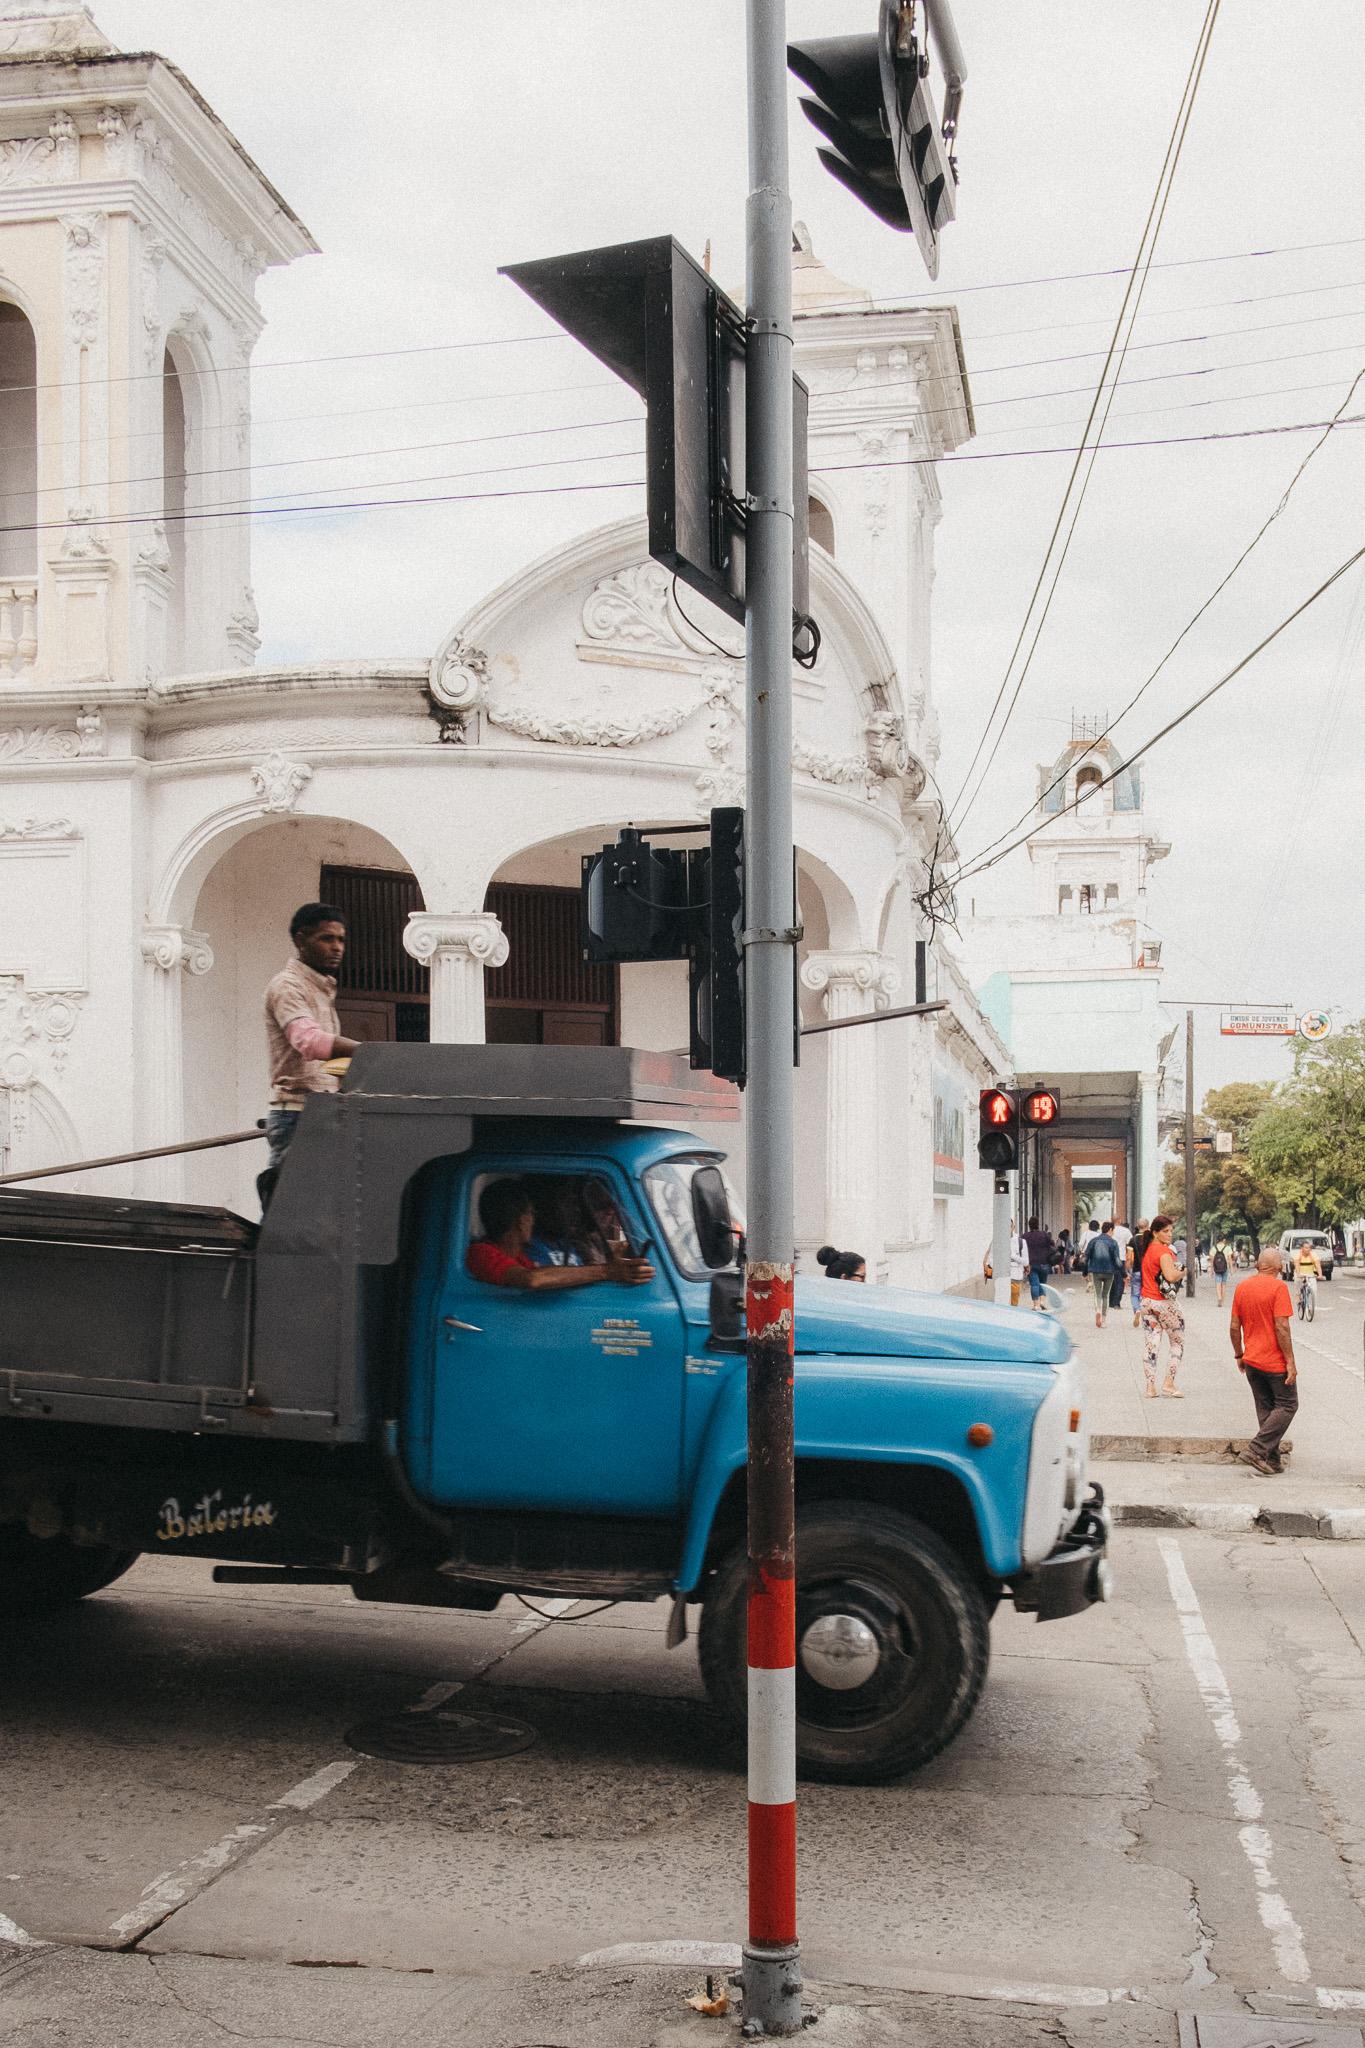 Cuba-2017-12-Cienfuegos-0046.jpg